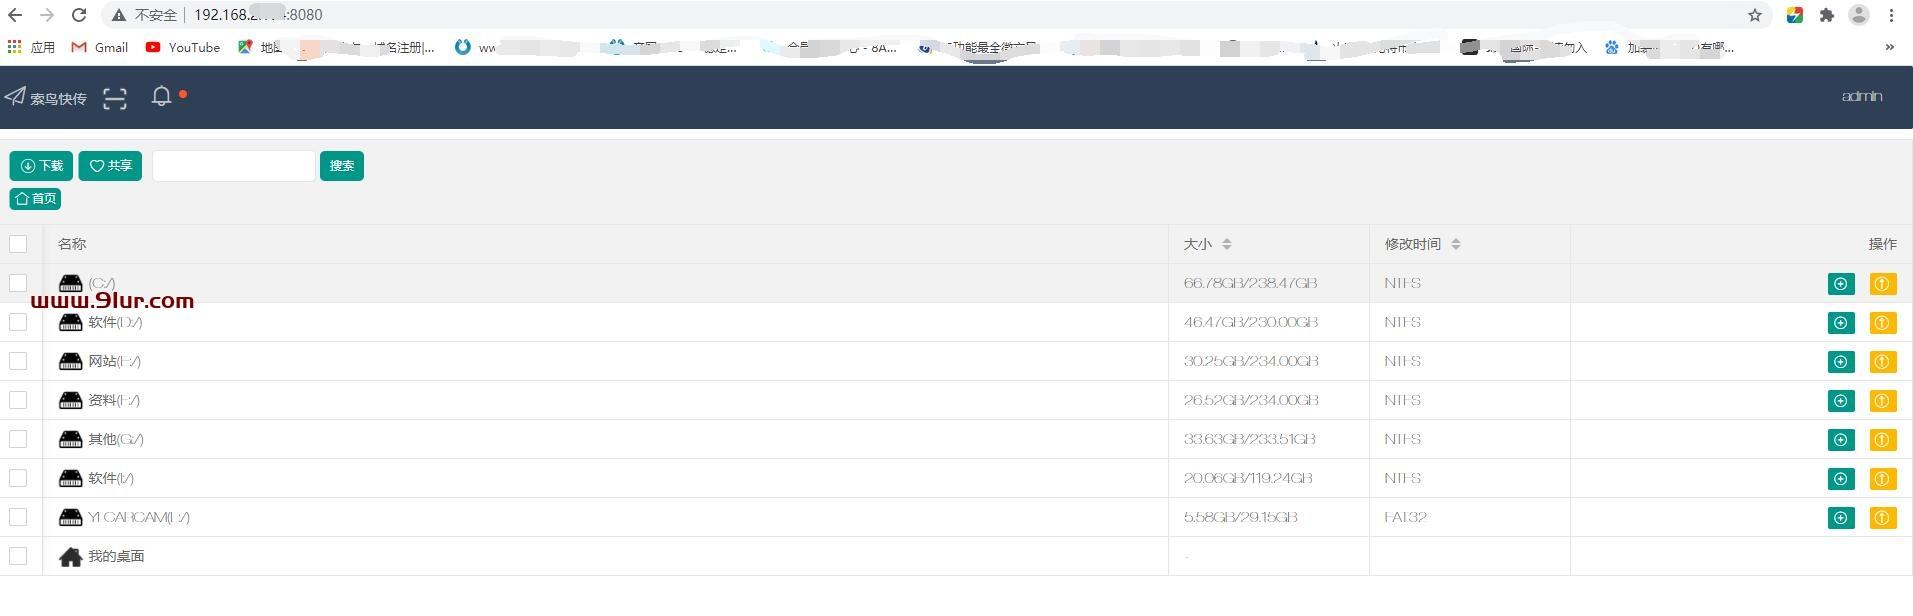 局域网传文件助手#文件批量改名#索鸟快传2.0新增webdav协议支持的局域网文件共享软件